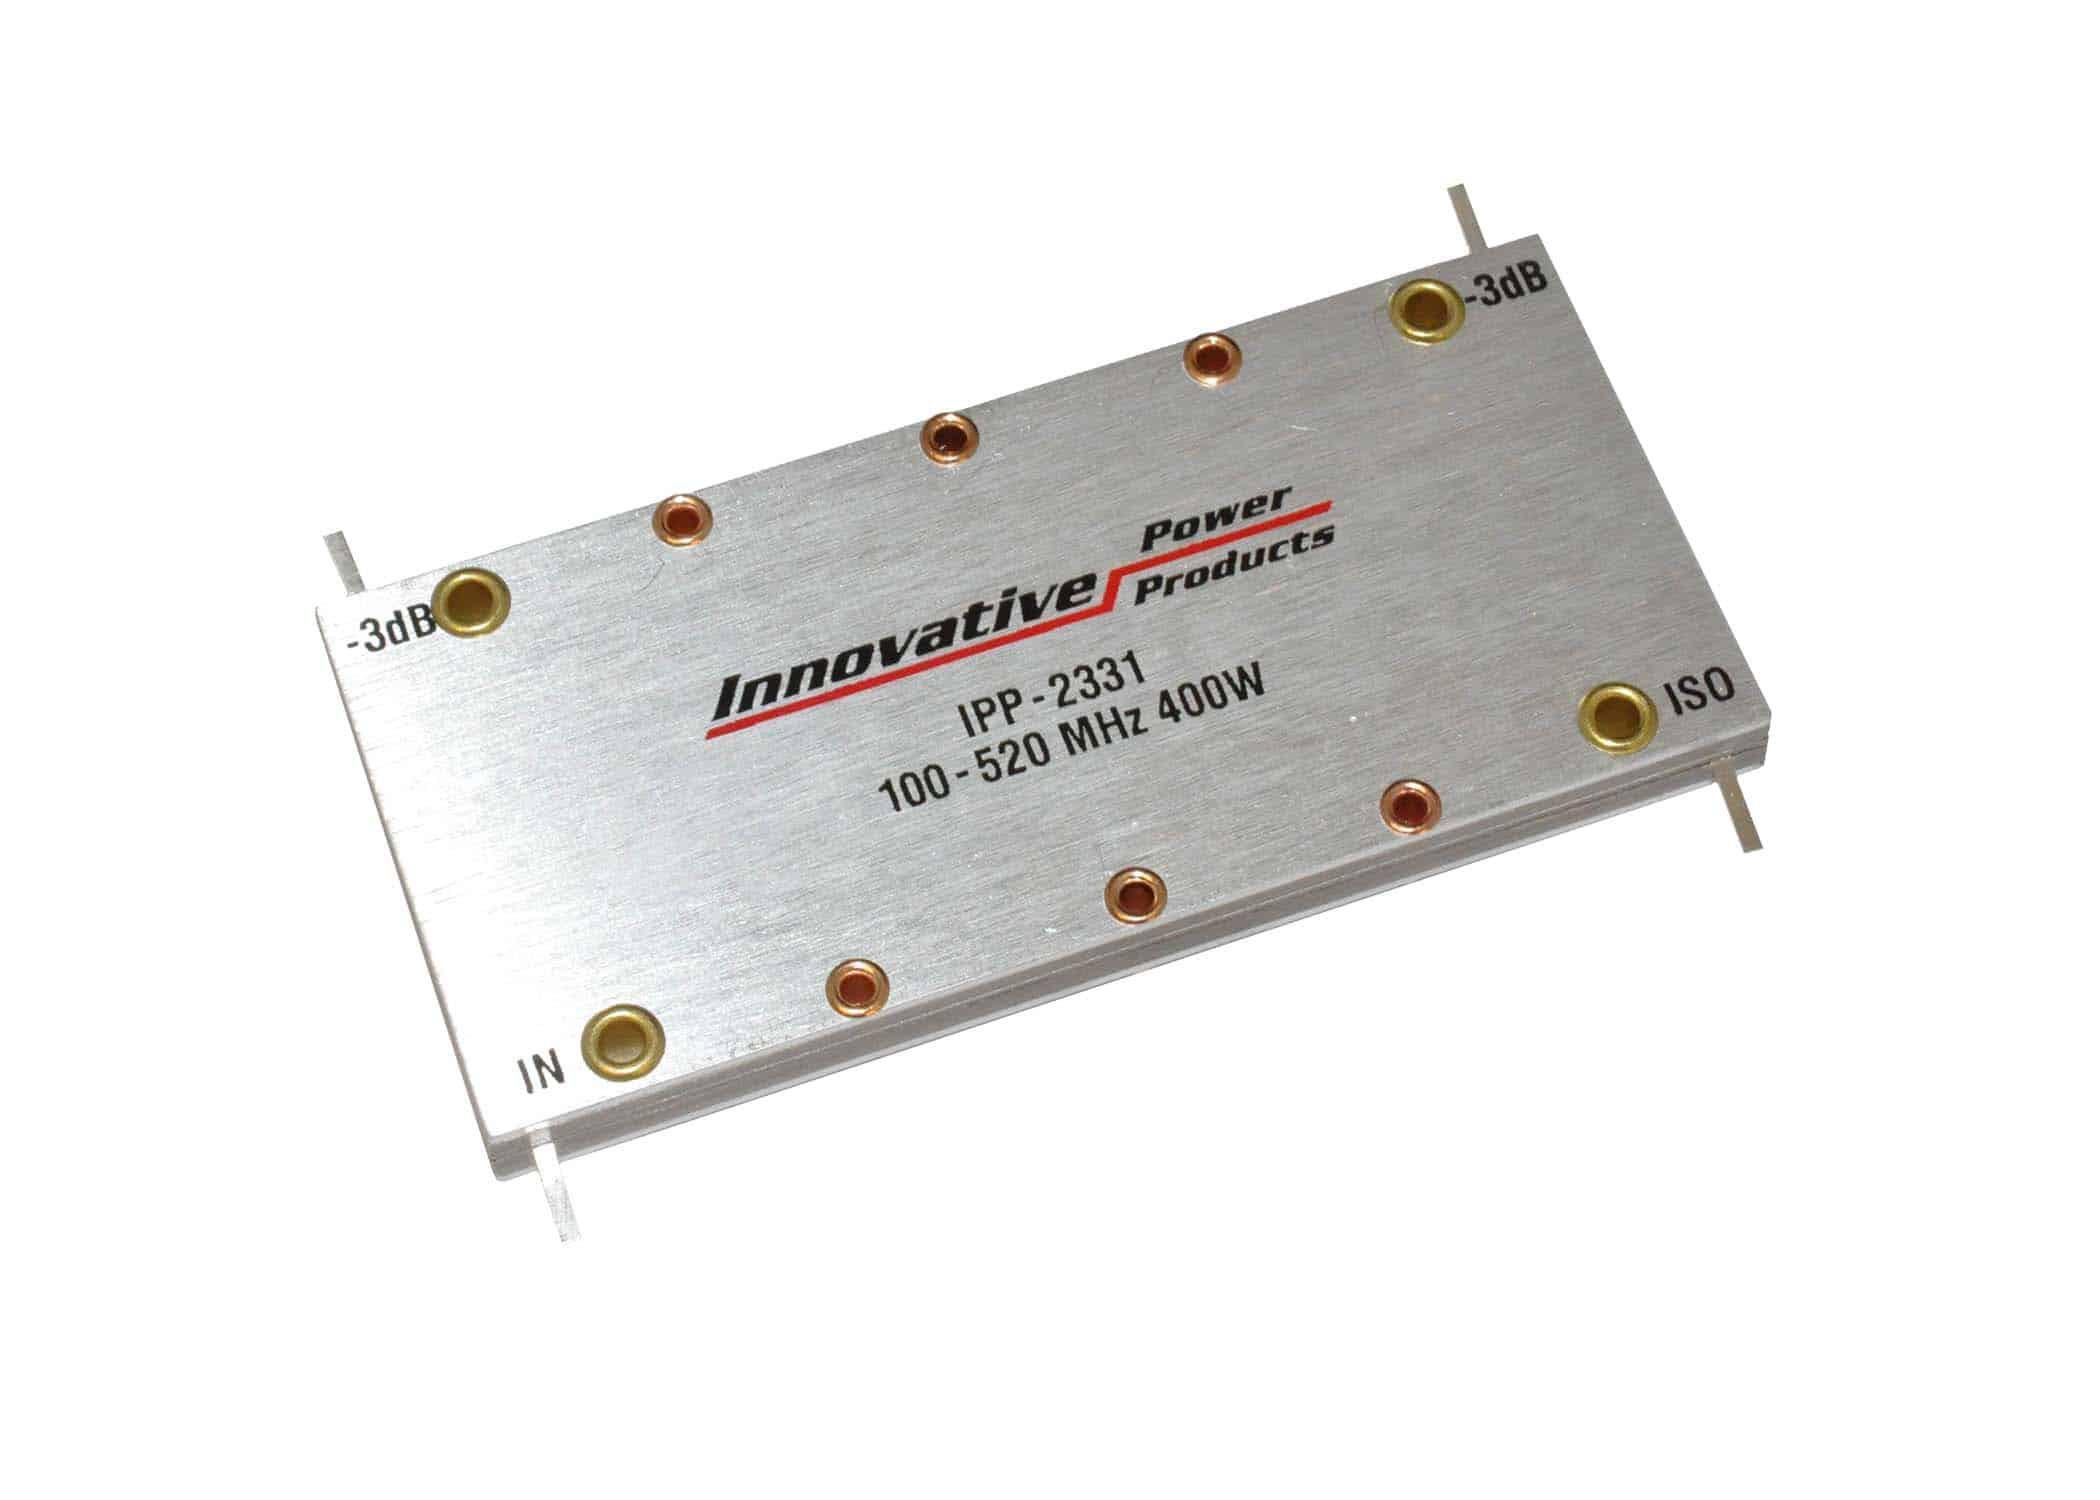 IPP-2331